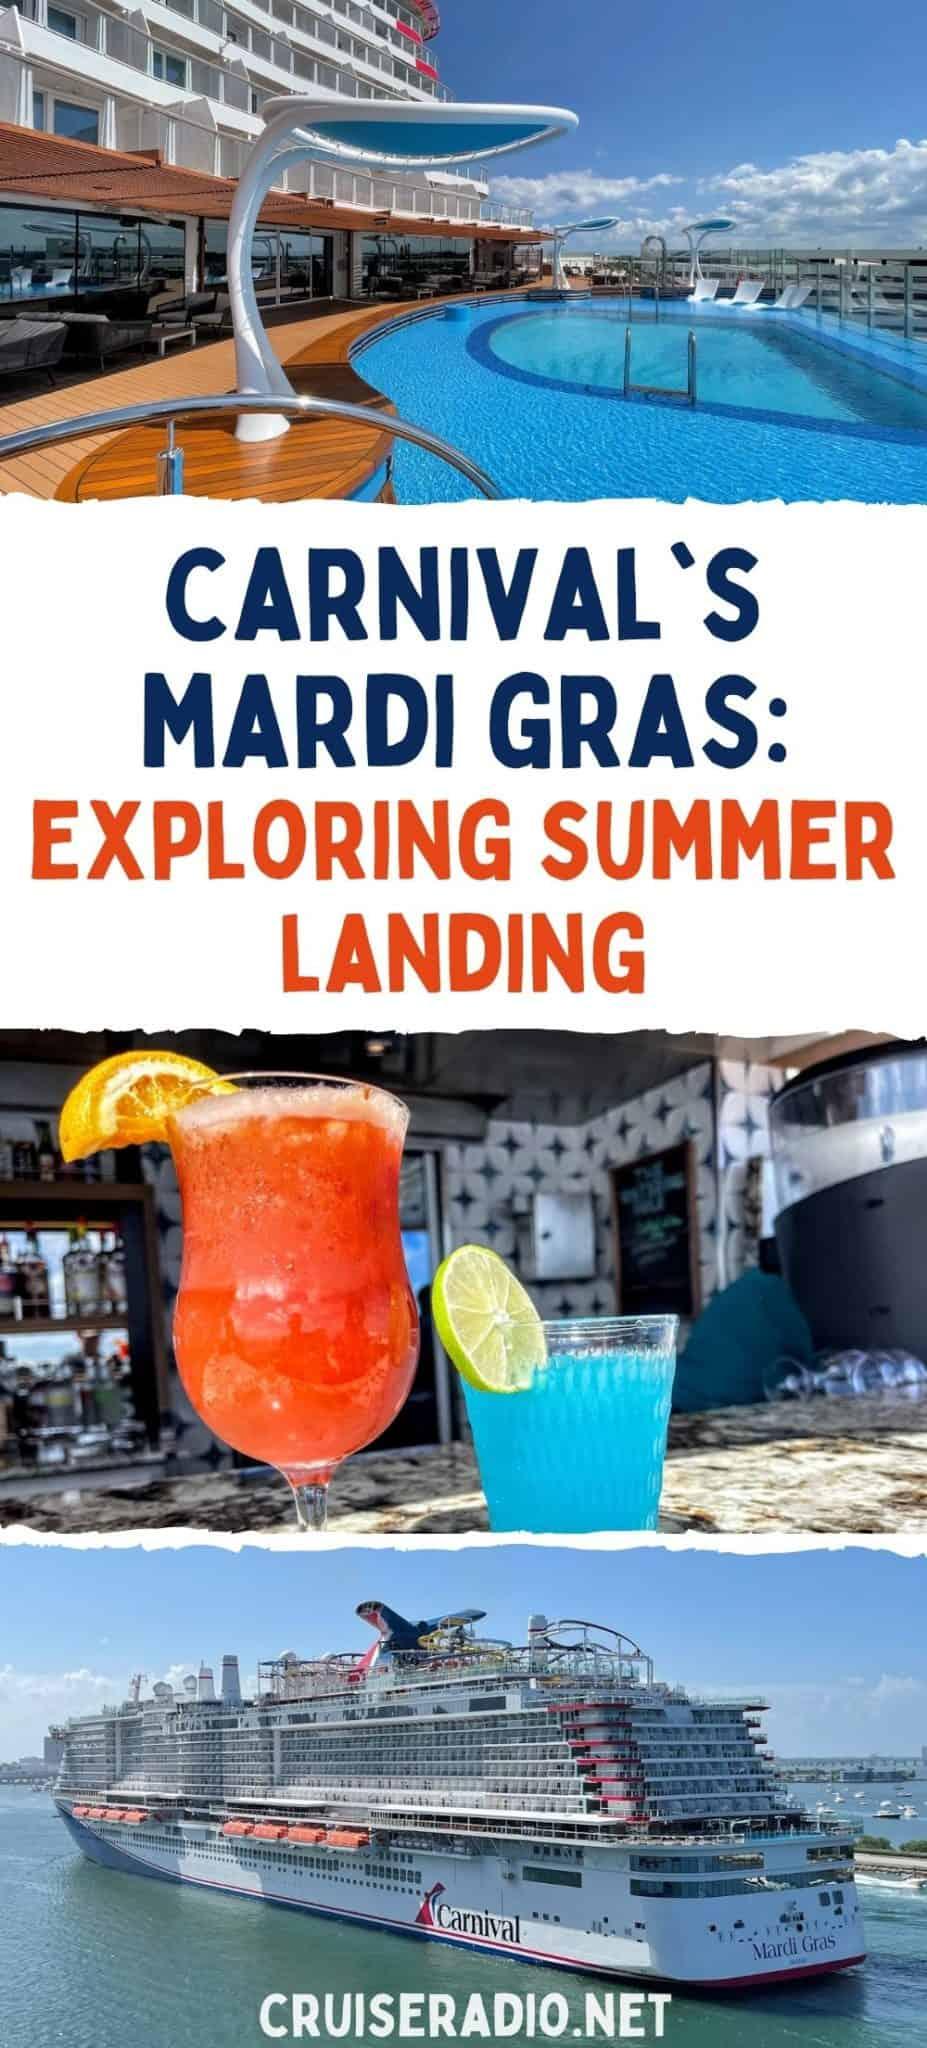 carnival mardi gras: exploring summer landing